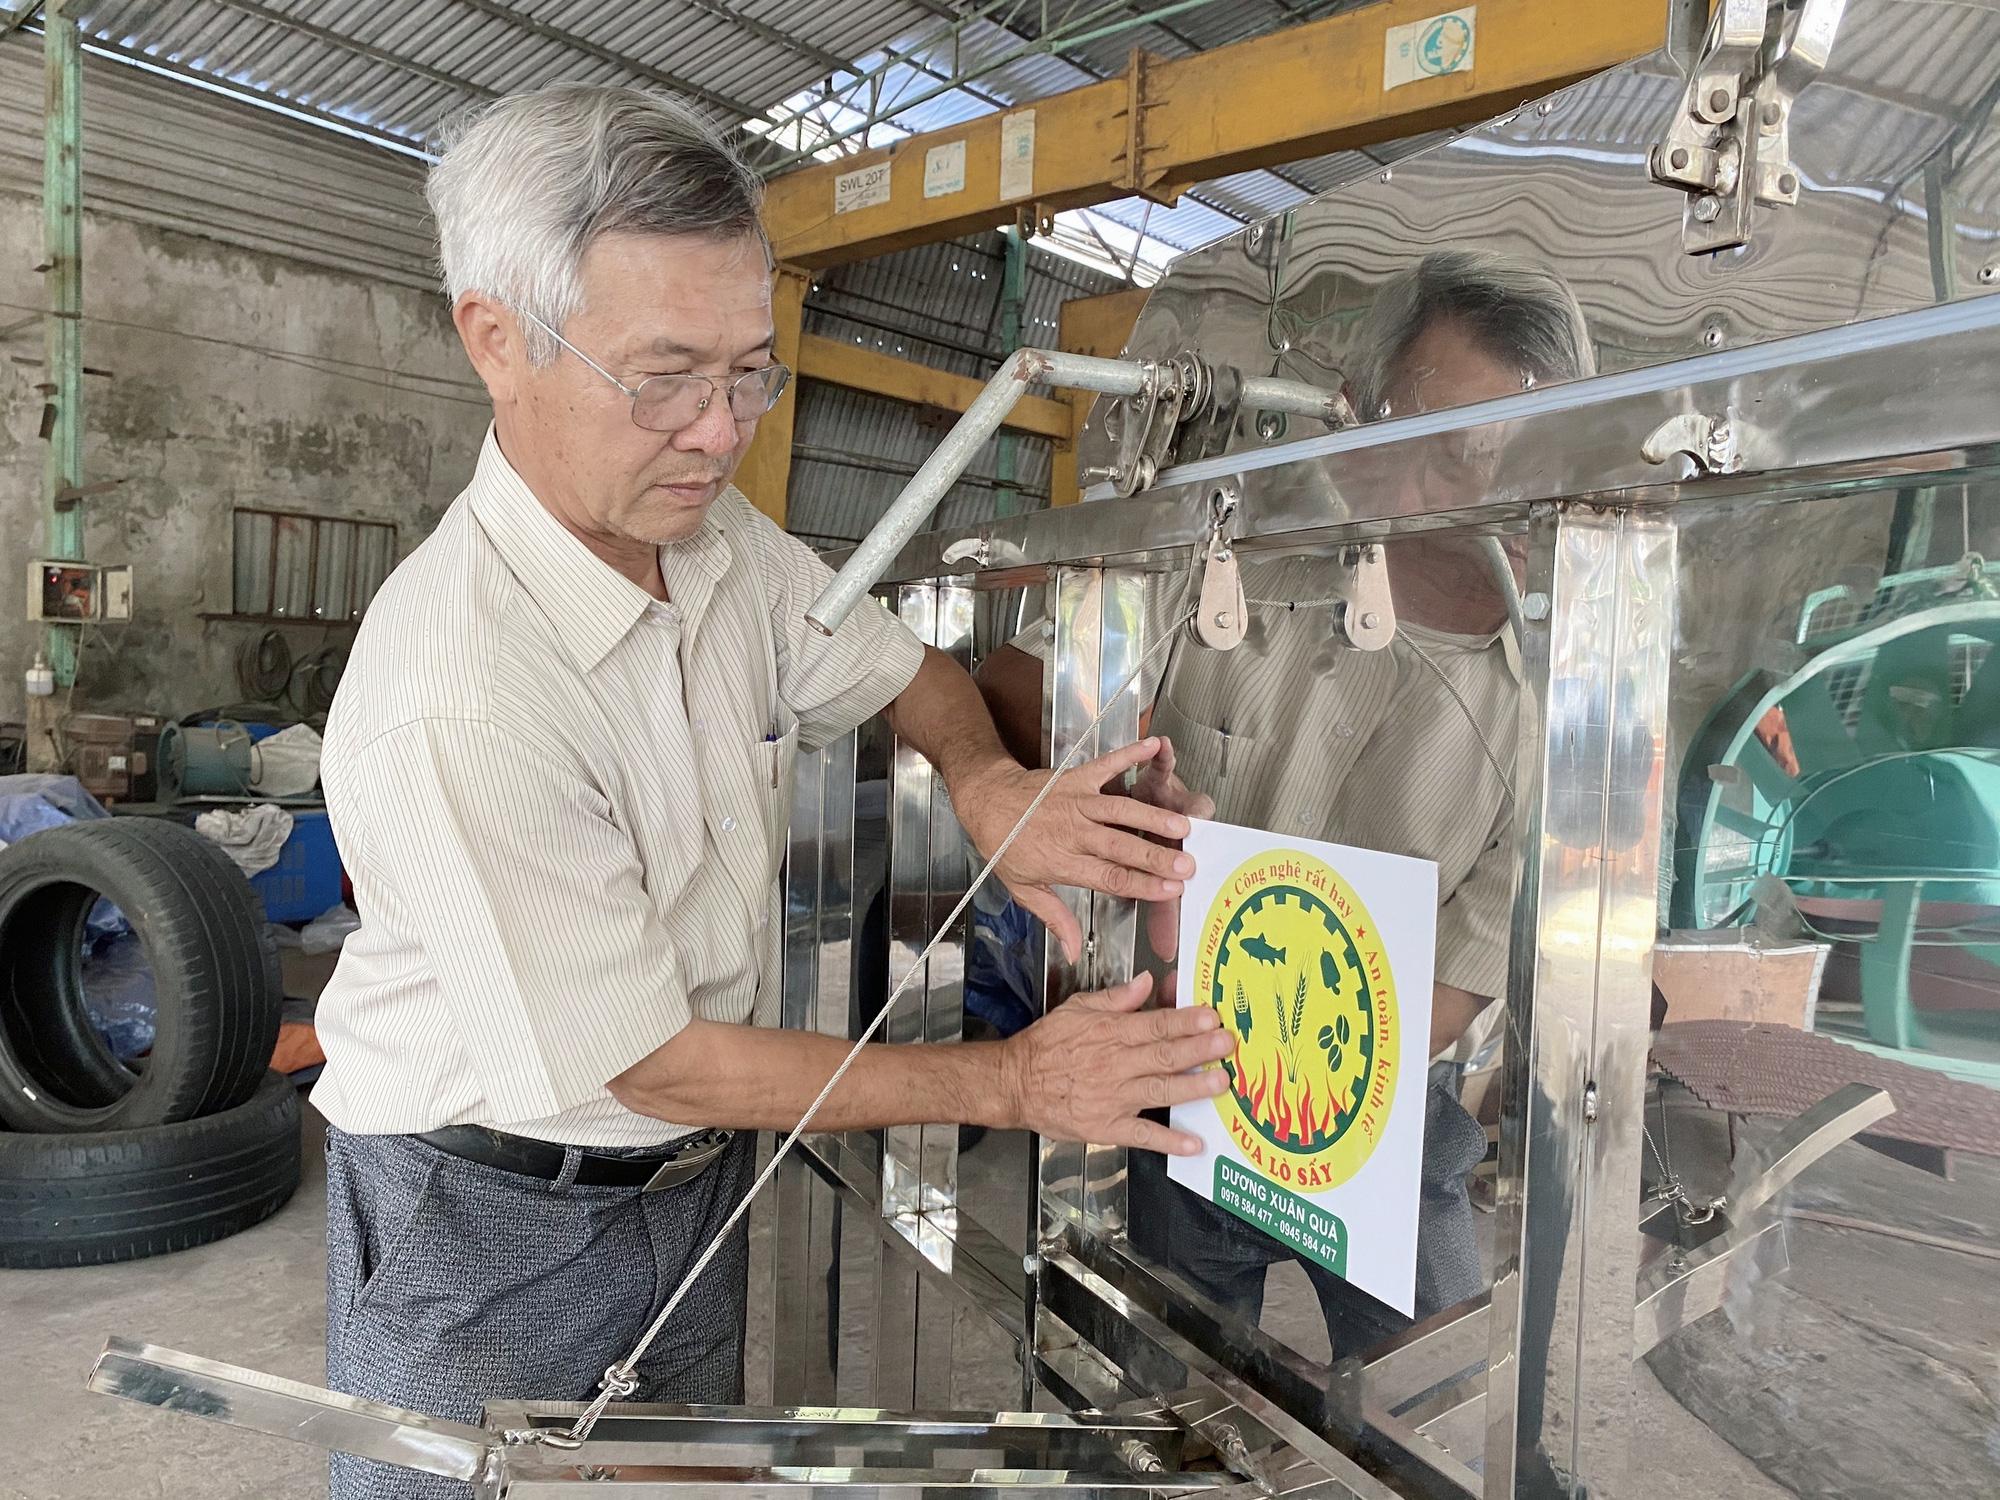 """Gạo sữa Dương Xuân Quả của ông """"Vua lò sấy"""" có gì đặc biệt mà đăng ký bảo hộ sáng chế độc quyền? - Ảnh 4."""